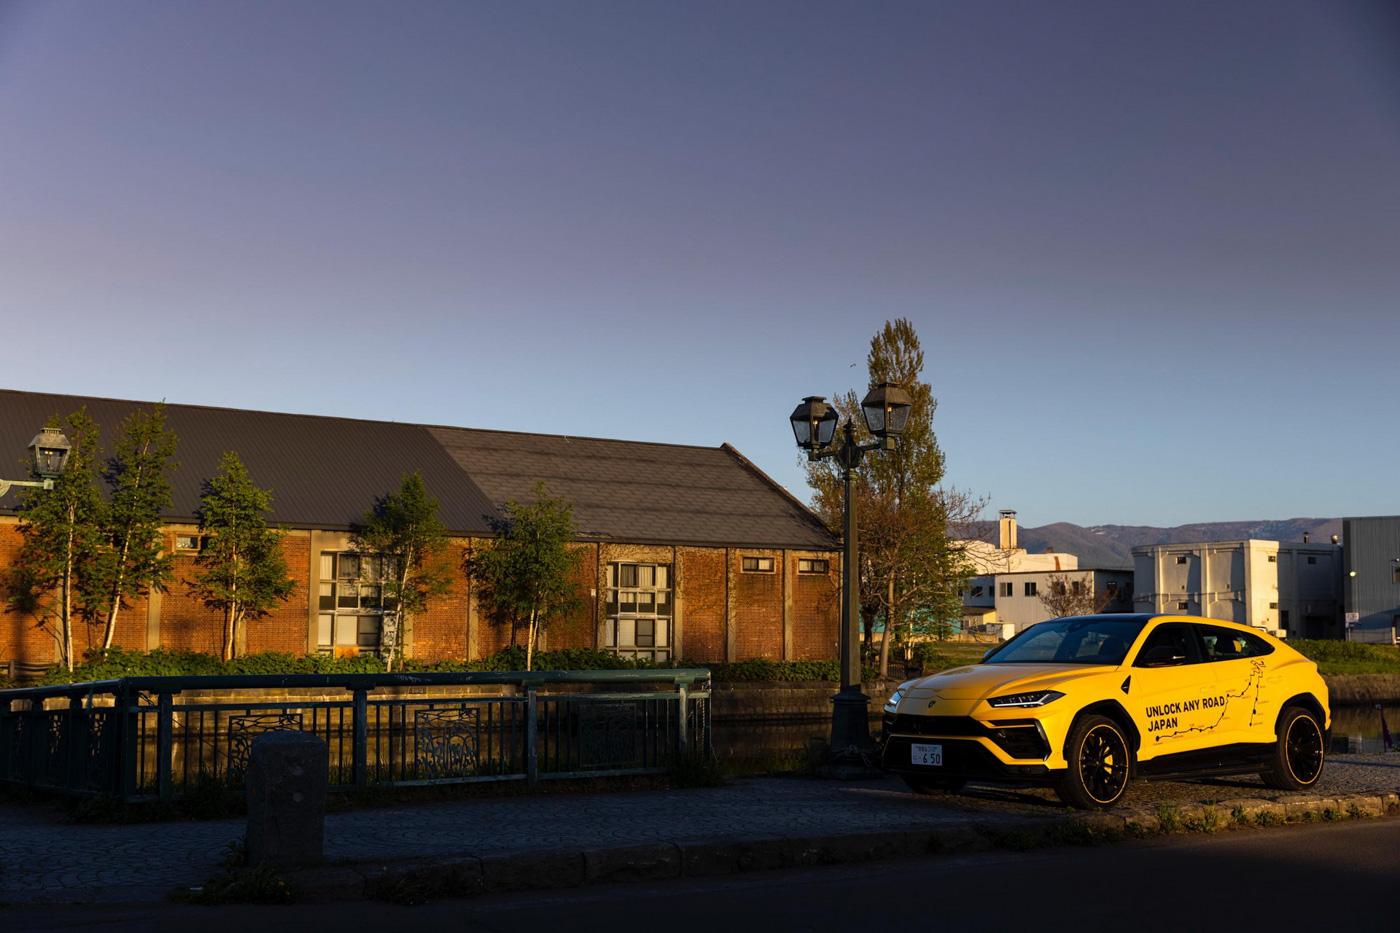 Bộ-đôi-Lamborghini-Urus-vượt-hơn-6.500-km-trong-hành-trình-xuyên-Nhật-Bản (11).jpg